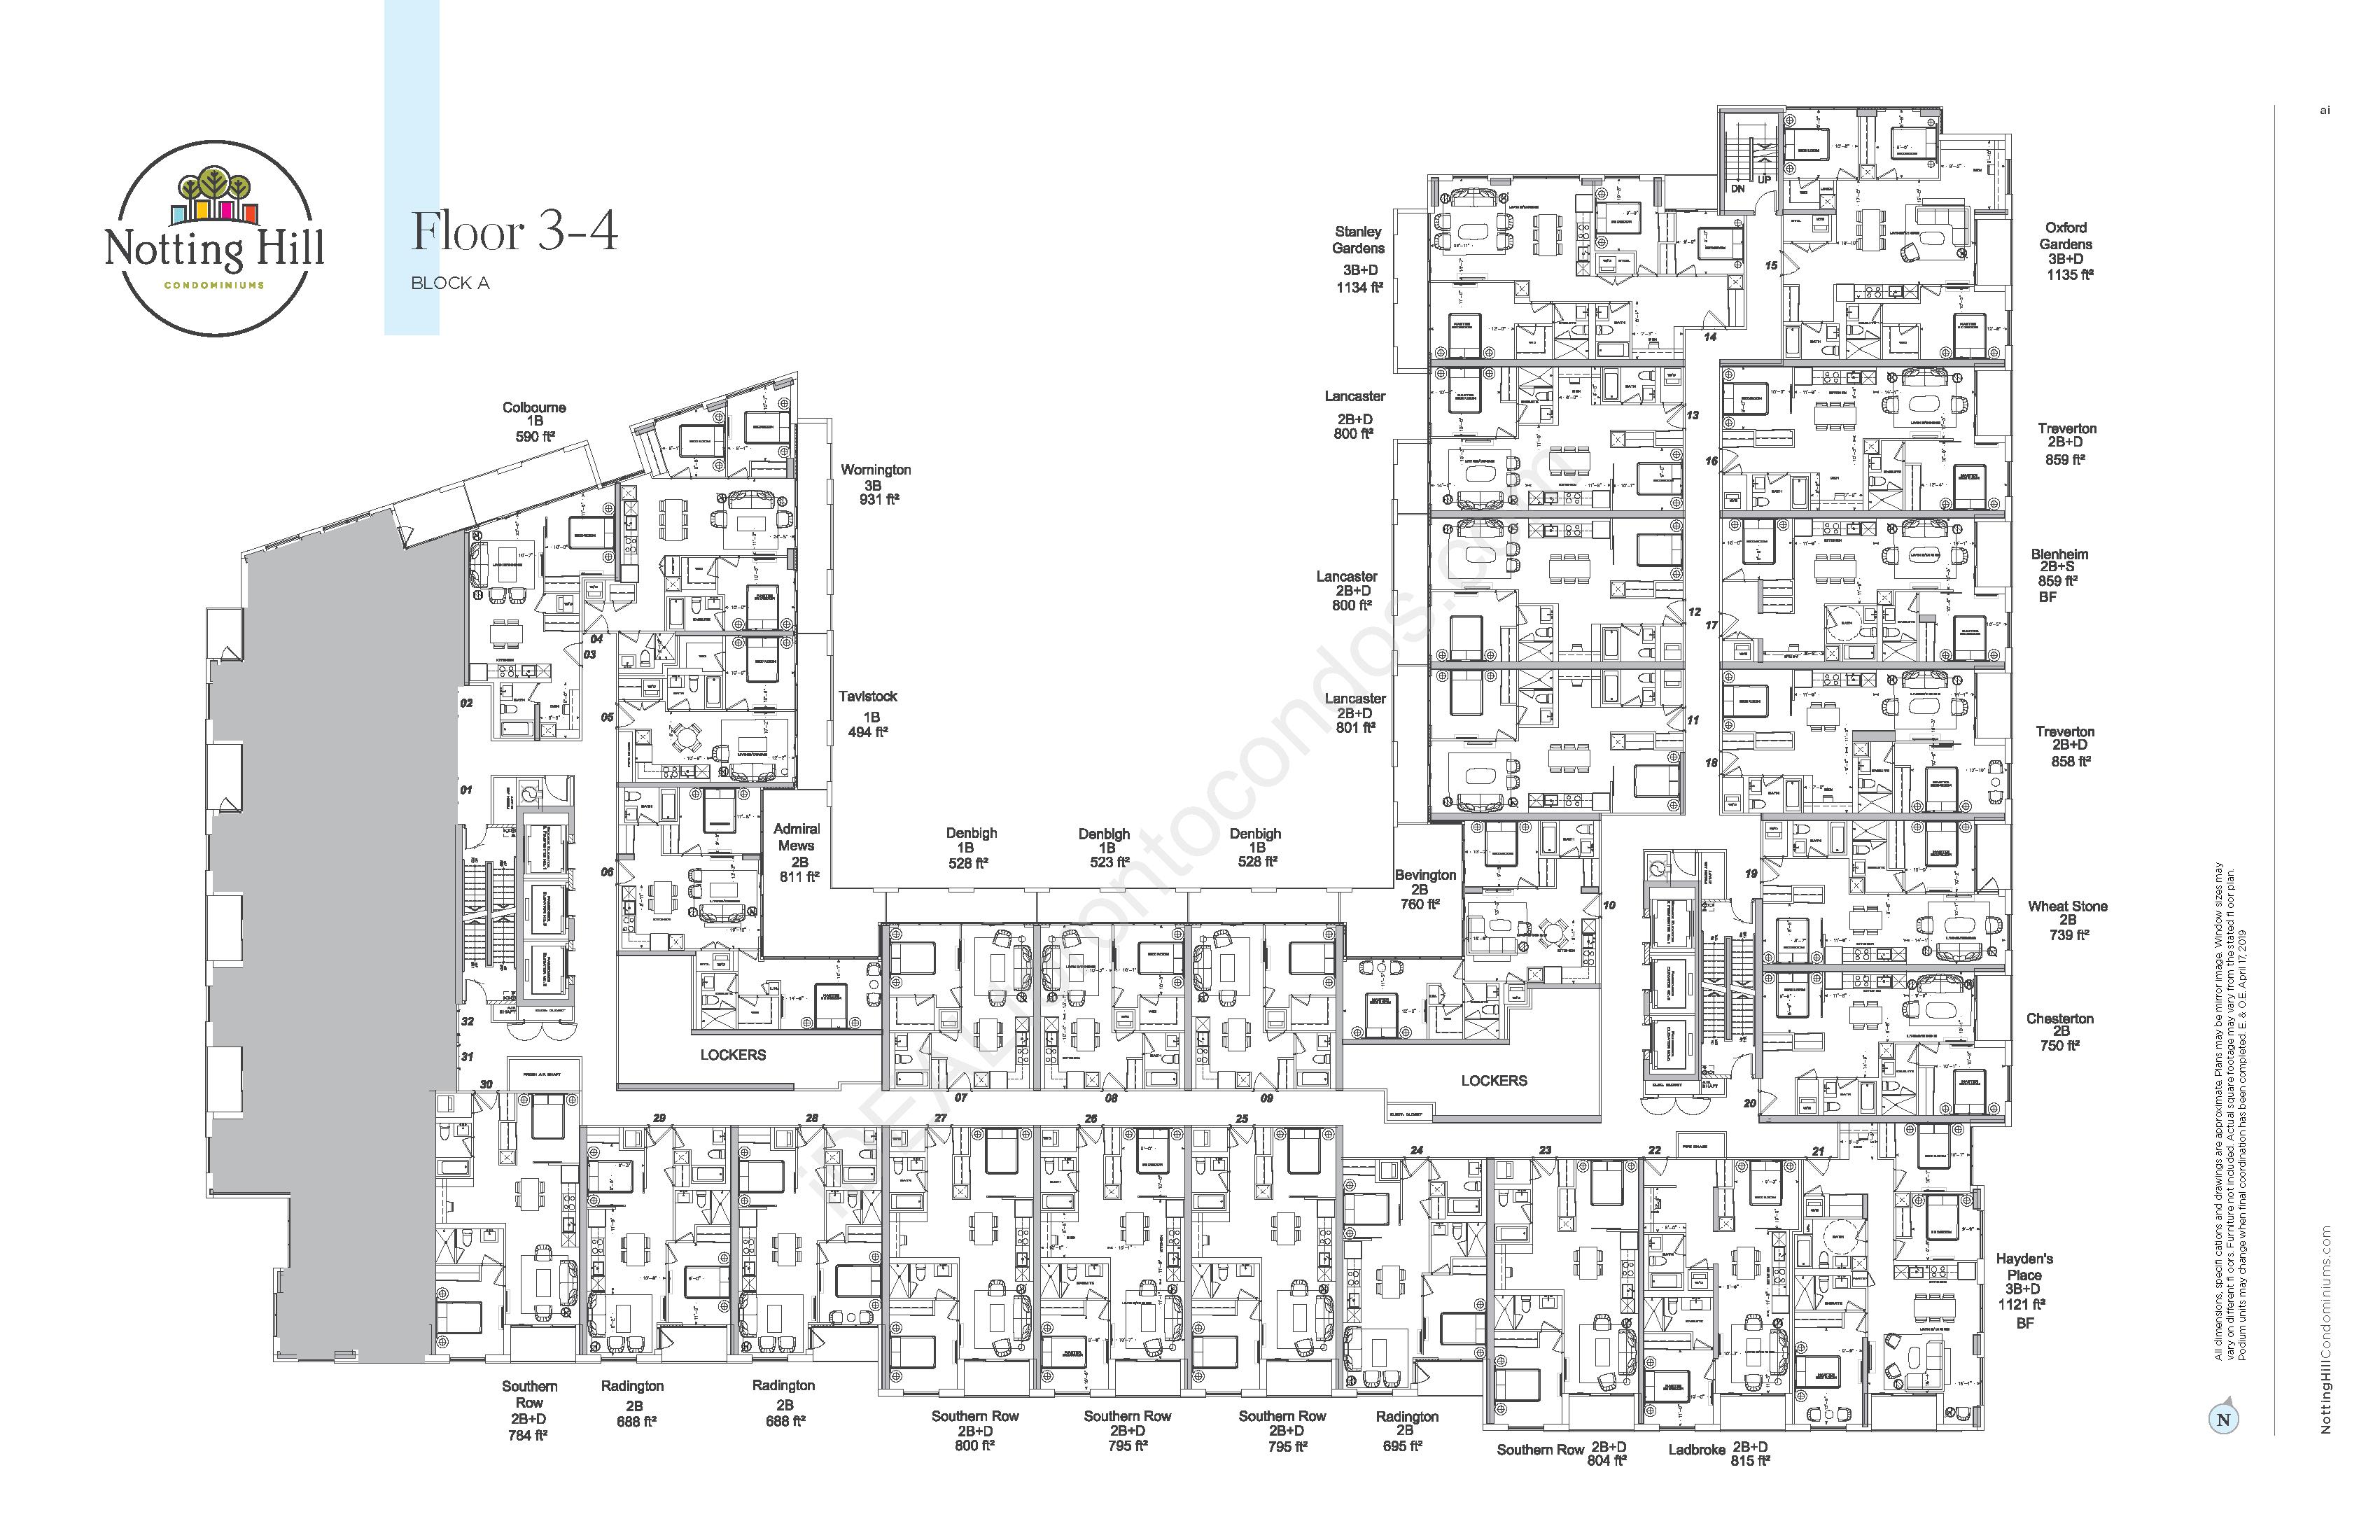 Floorplate 3-4